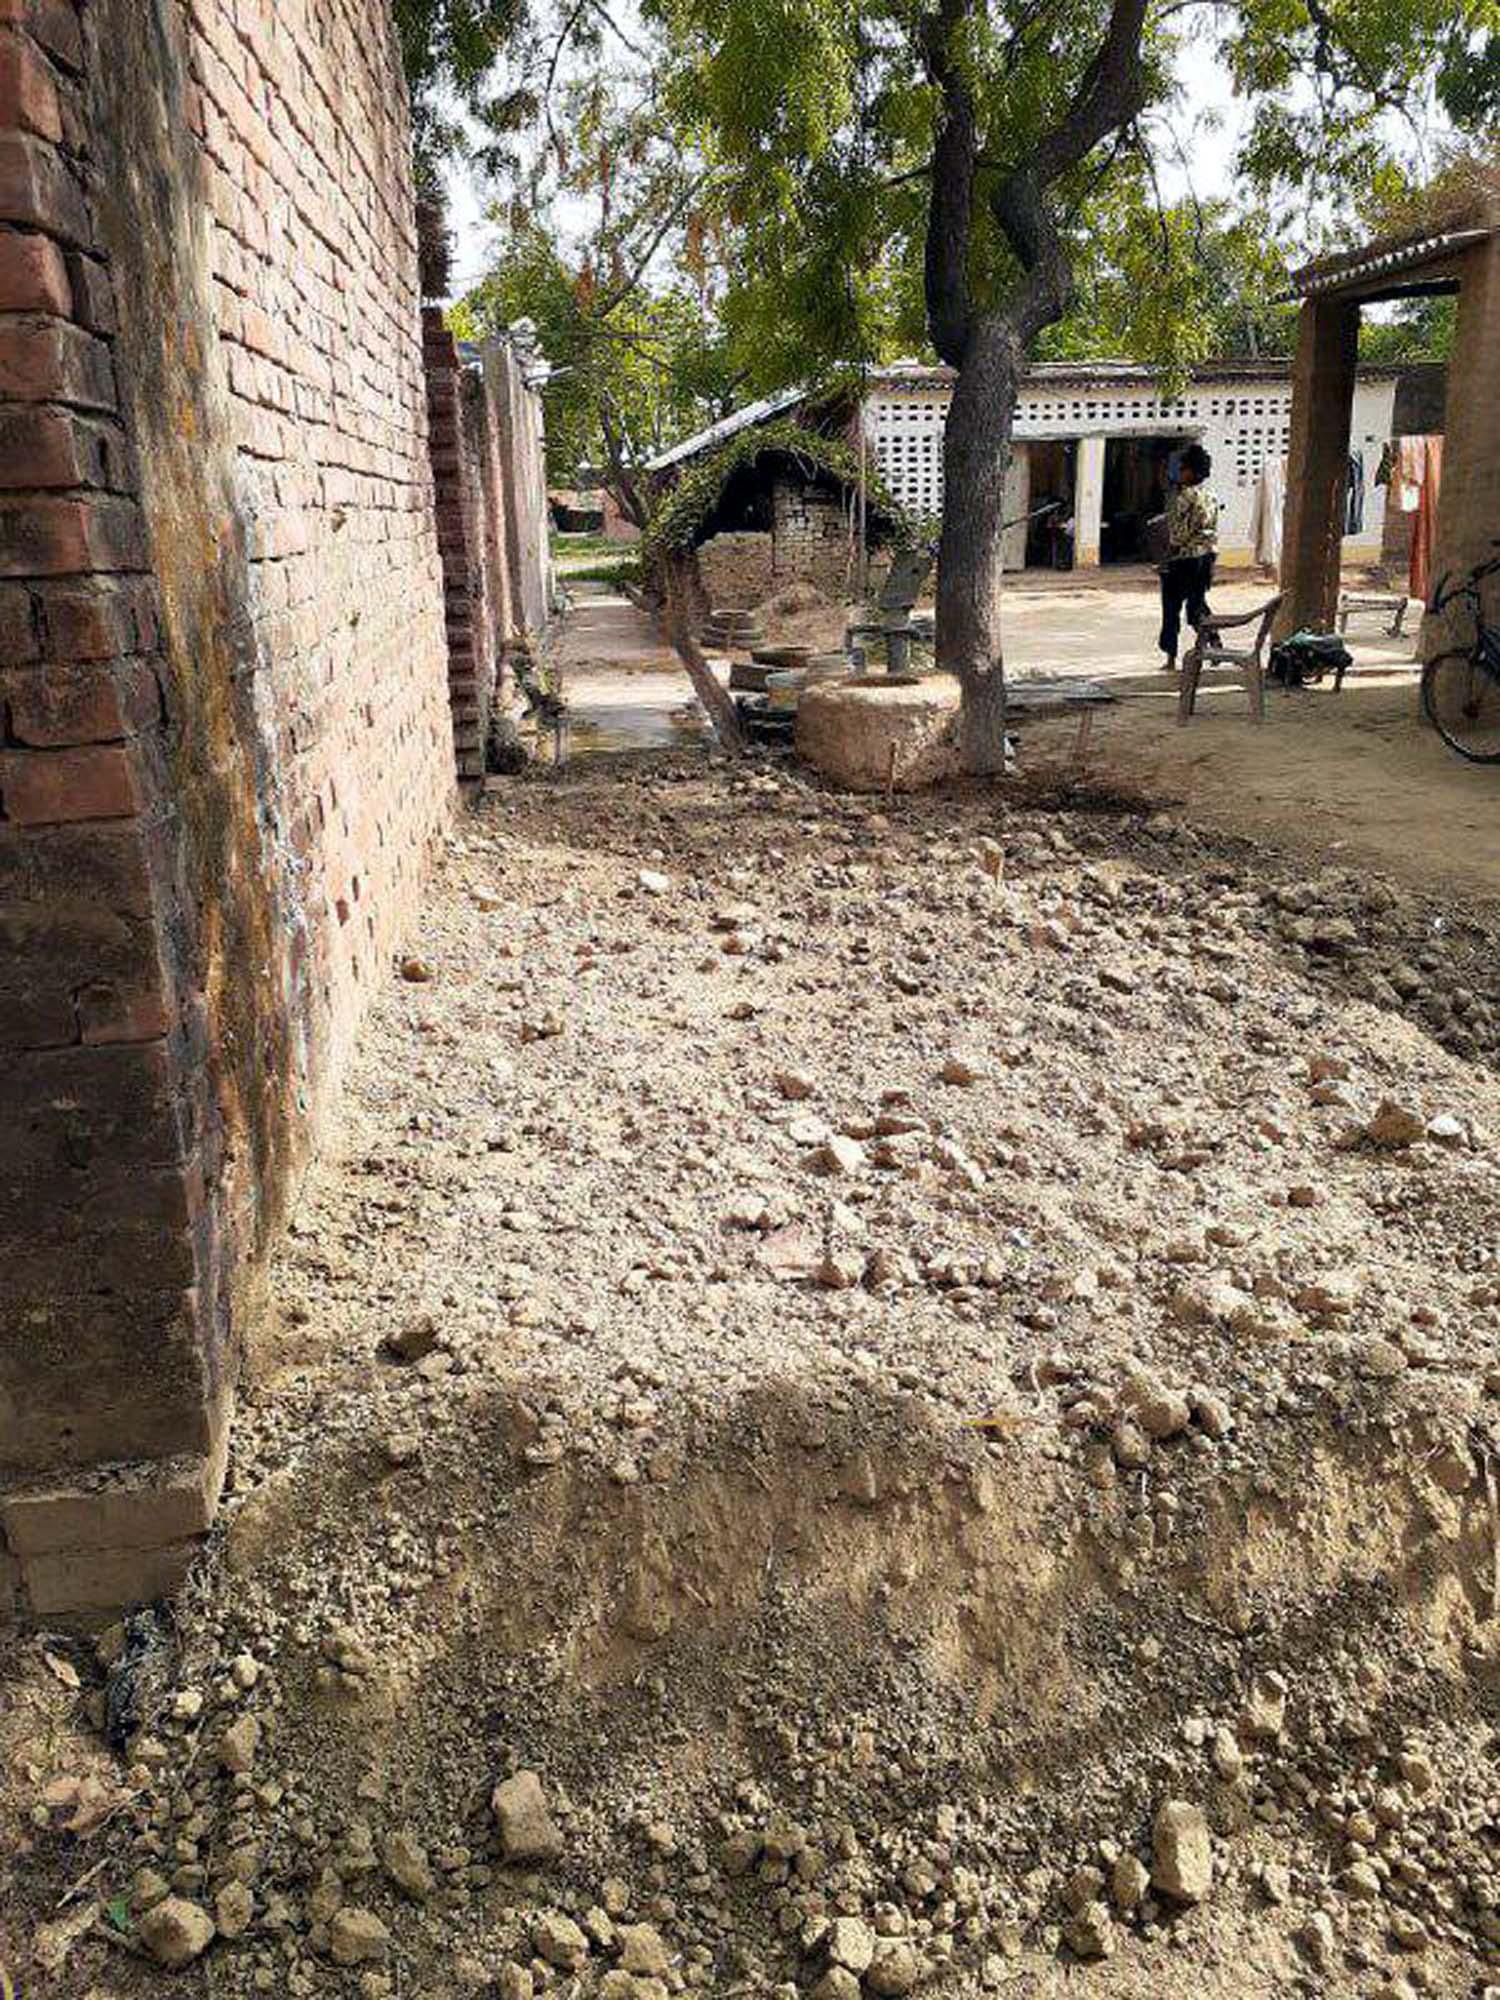 जौनपुर। केराकत तहसील क्षेत्र के सेनापुर गांव में जबरन आरसीसी रोड पर मिट्टी डालकर कब्जा करने का मामला प्रकाश में आया है। बताते चलें कि रज्जू के घर के पीछे से शिव नरायन के घर तक आरसीसी रोड बना हुआ है जिस पर आवश्कतानुसार ग्रामवासियों का आना-जाना लगा रहता है। हरिश्चन्द्र नामक व्यक्ति जो केराकत थाने में होमगार्ड है, परिवार के साथ उक्त रोड पर मिट्टी डालकर कब्जा करने लगा। इस बात की जानकारी जब लोगों को हुई तो वहां पहुंचकर मना करने लगे लेकिन वह नहीं माने तो ग्राम प्रधान रमेश कुमार को अवगत करायाग या। इस पर ग्राम प्रधान मौके पर पहुंचकर कब्जा कर रहे लोगों को समझाये लेकिन वे न मानते हुये मारपीट पर भी आमादा हो गये। इस बाबत जब ग्रामवासियों से बात की गयी तो उन्होंने बताया कि यह पहला मामला नहीं है। न जाने कितने ऐसे मामलों को वे लोग अंजाम दे चुके हैं। बात-बात पर मार करना व कानून का धौंस दिखाकर लोगों में अपनी दहशत पैदा करना उनका काम हो गया है।